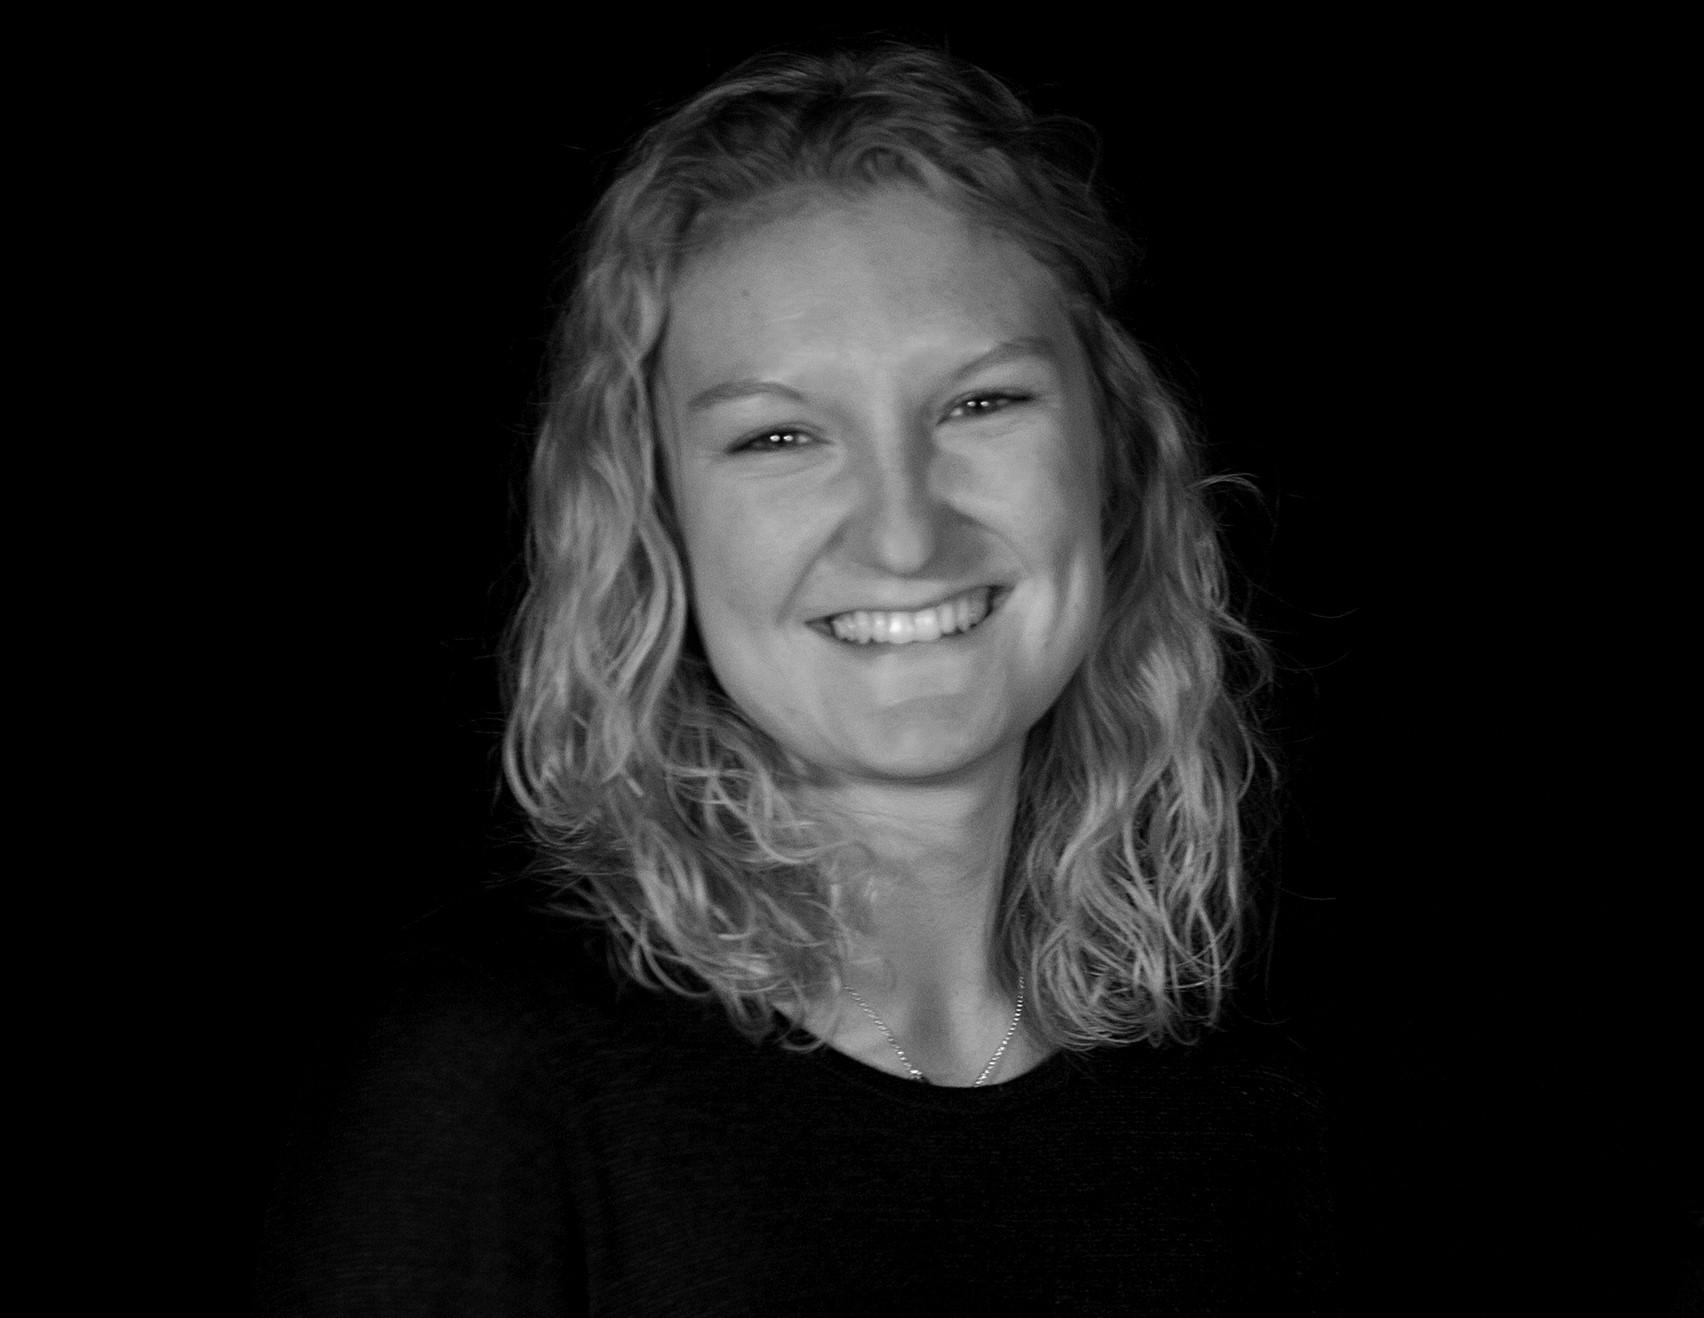 Ann-Kristin Emden